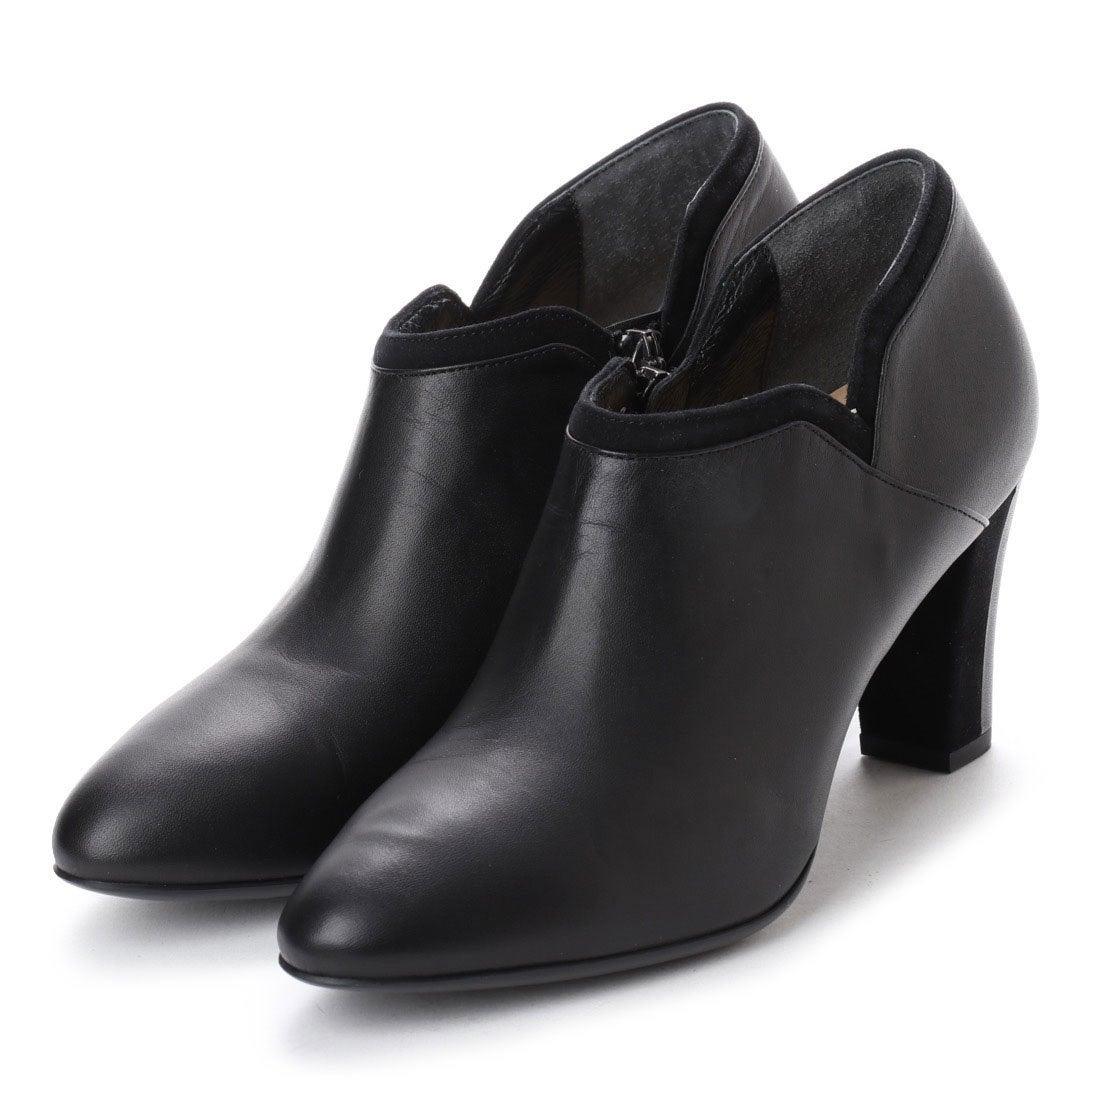 ロコンド 靴とファッションの通販サイトスタイルラボ STYLE lab スタイルラボ パンプス (ブラック)